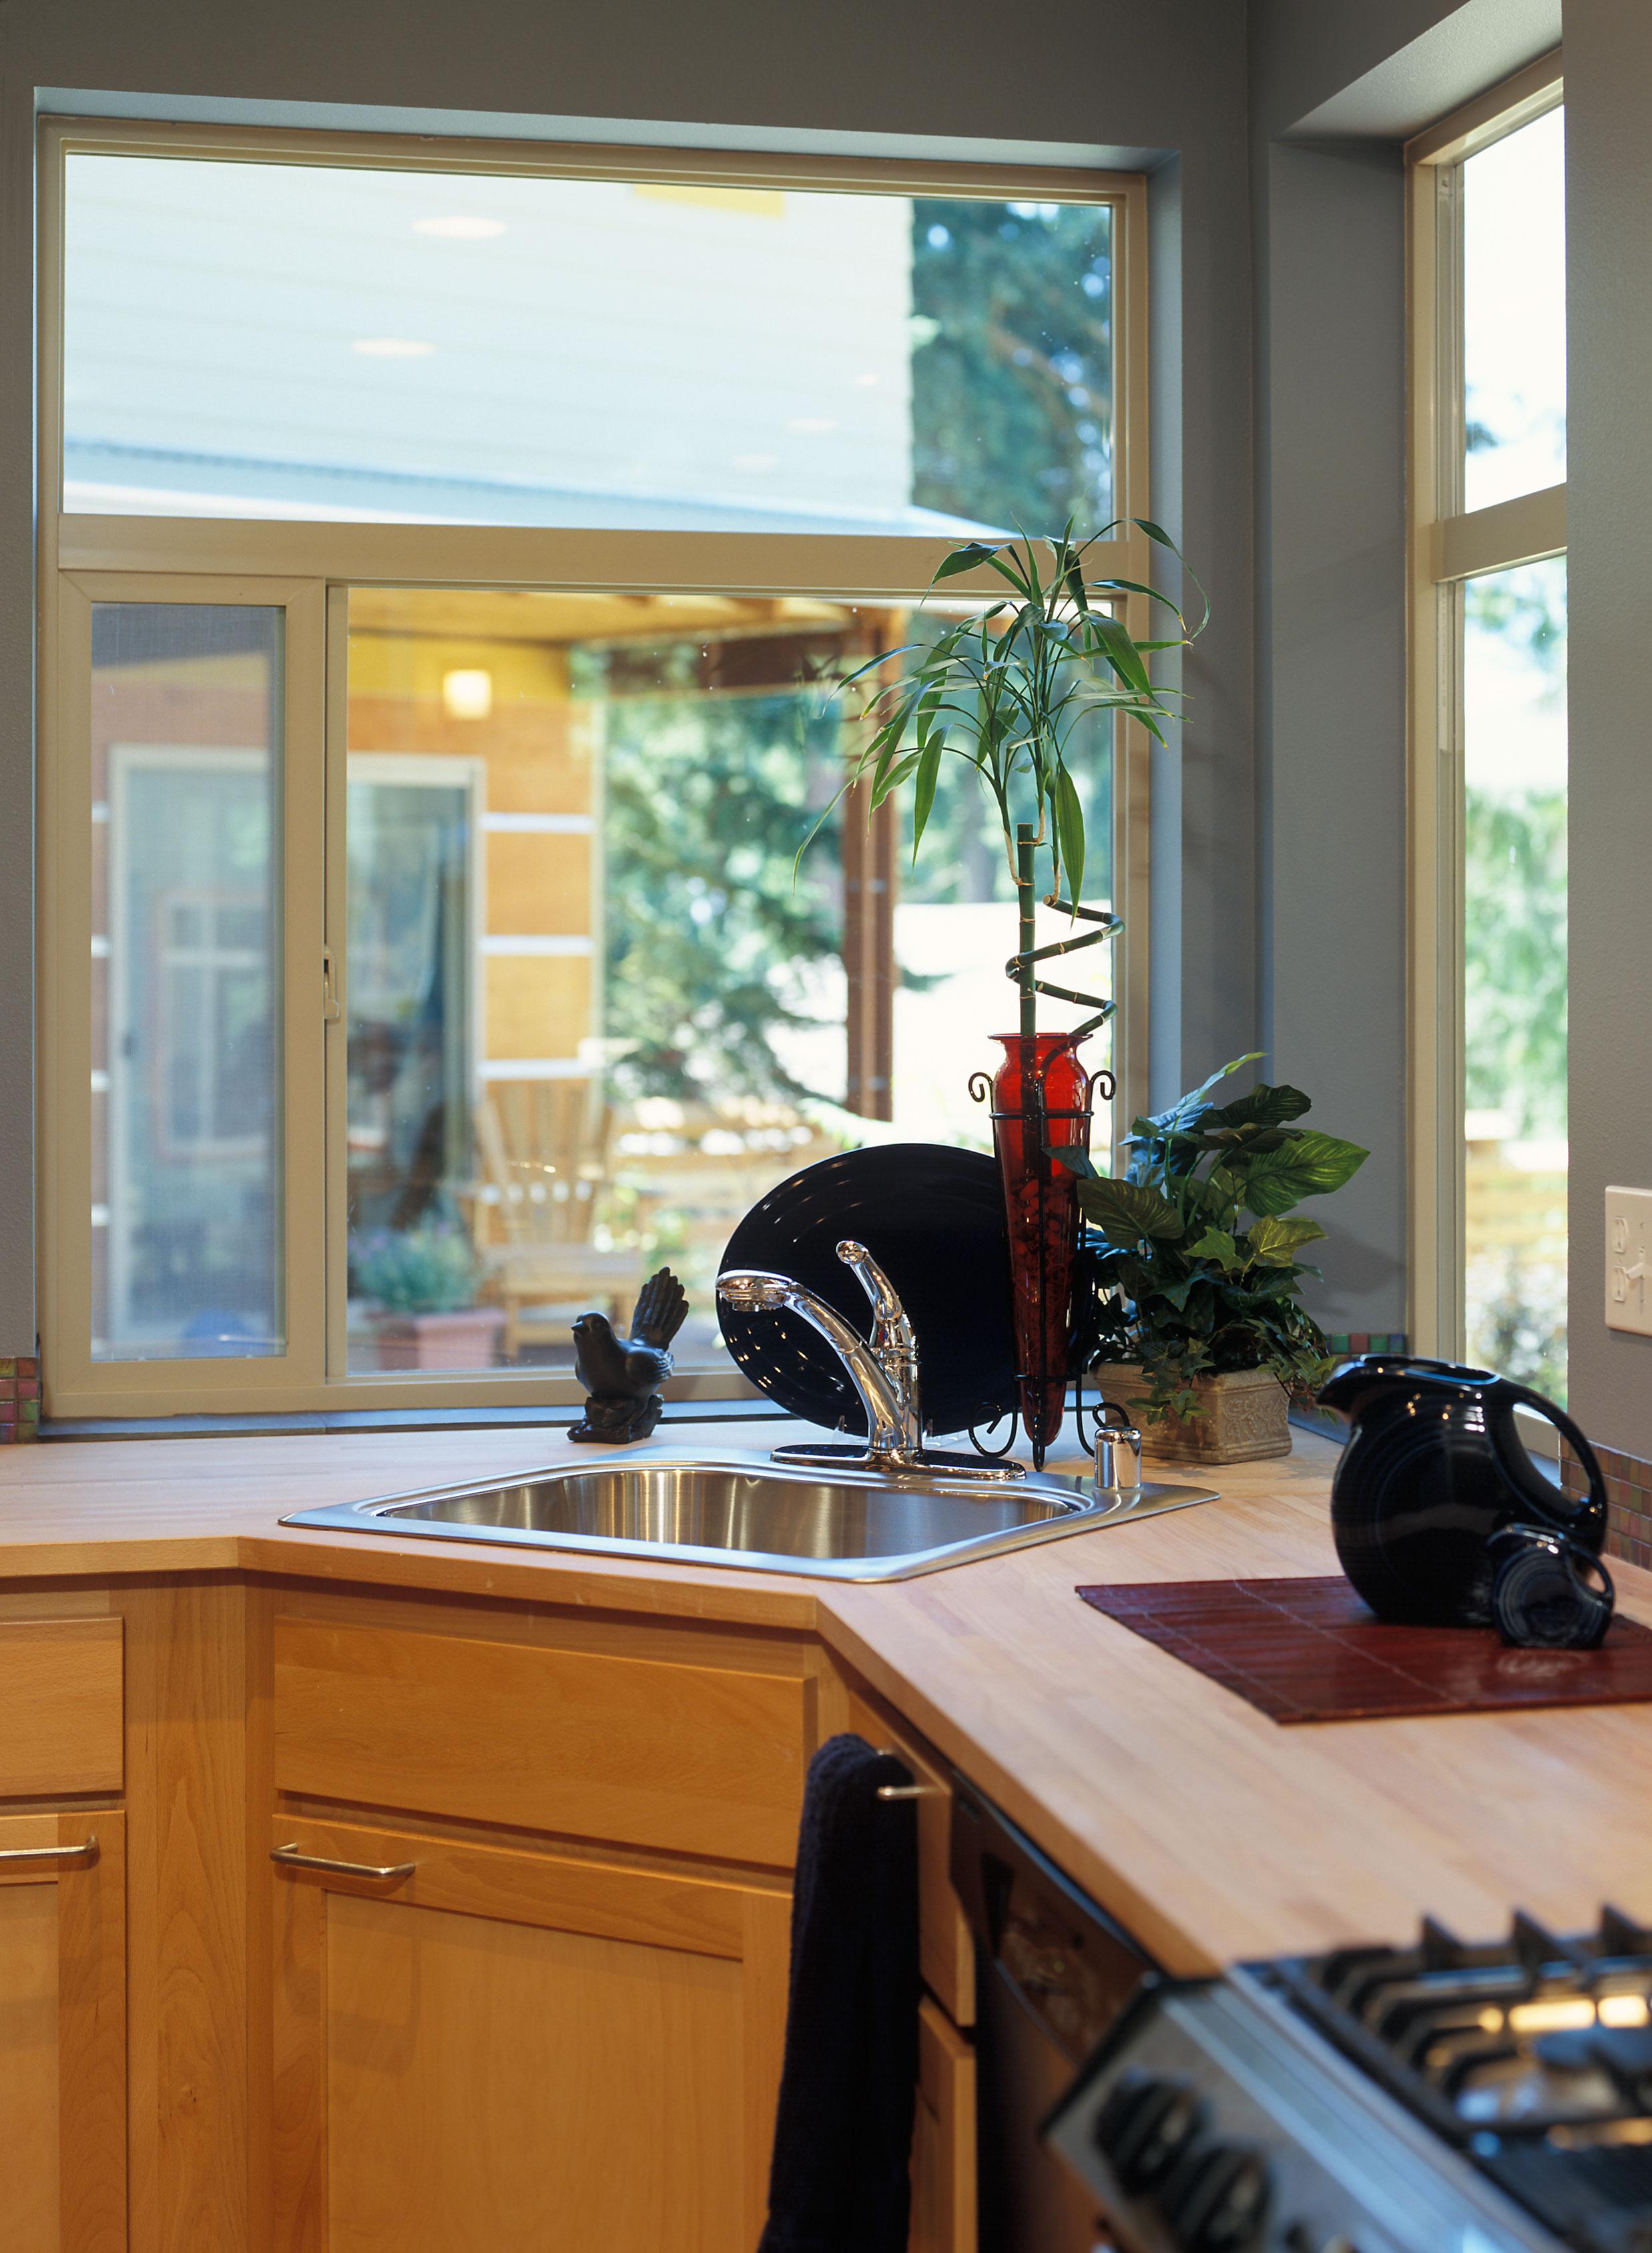 GIG-Kitchen_resized.jpg